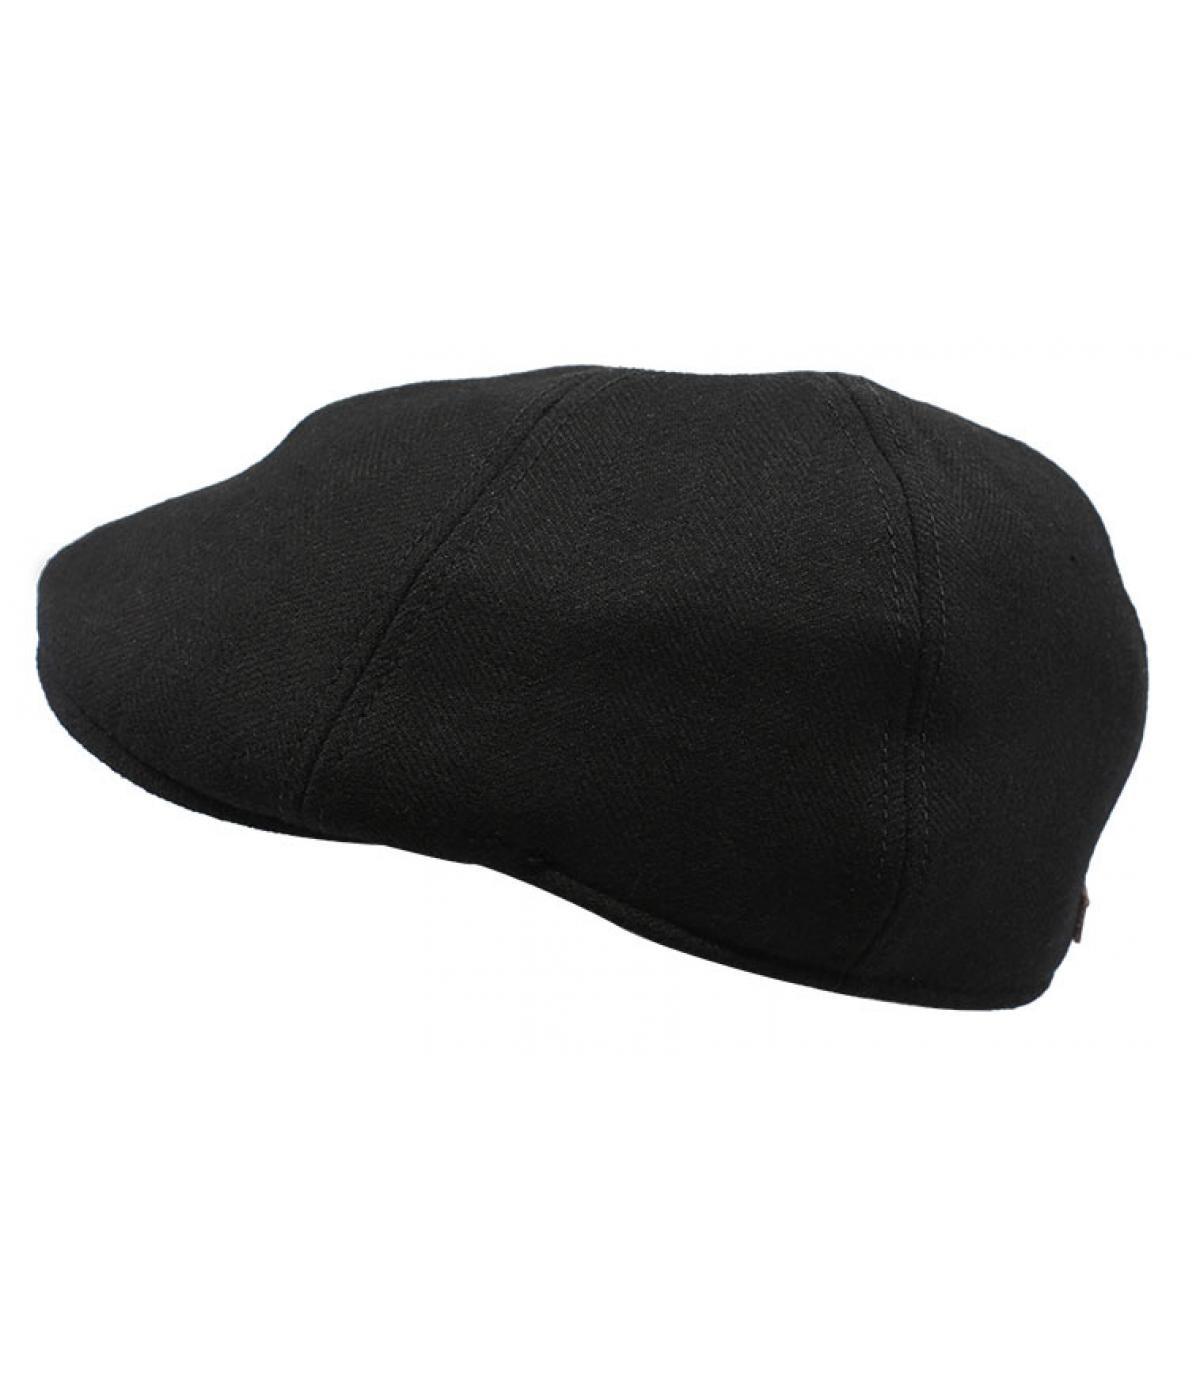 casquette duckbill noir laine